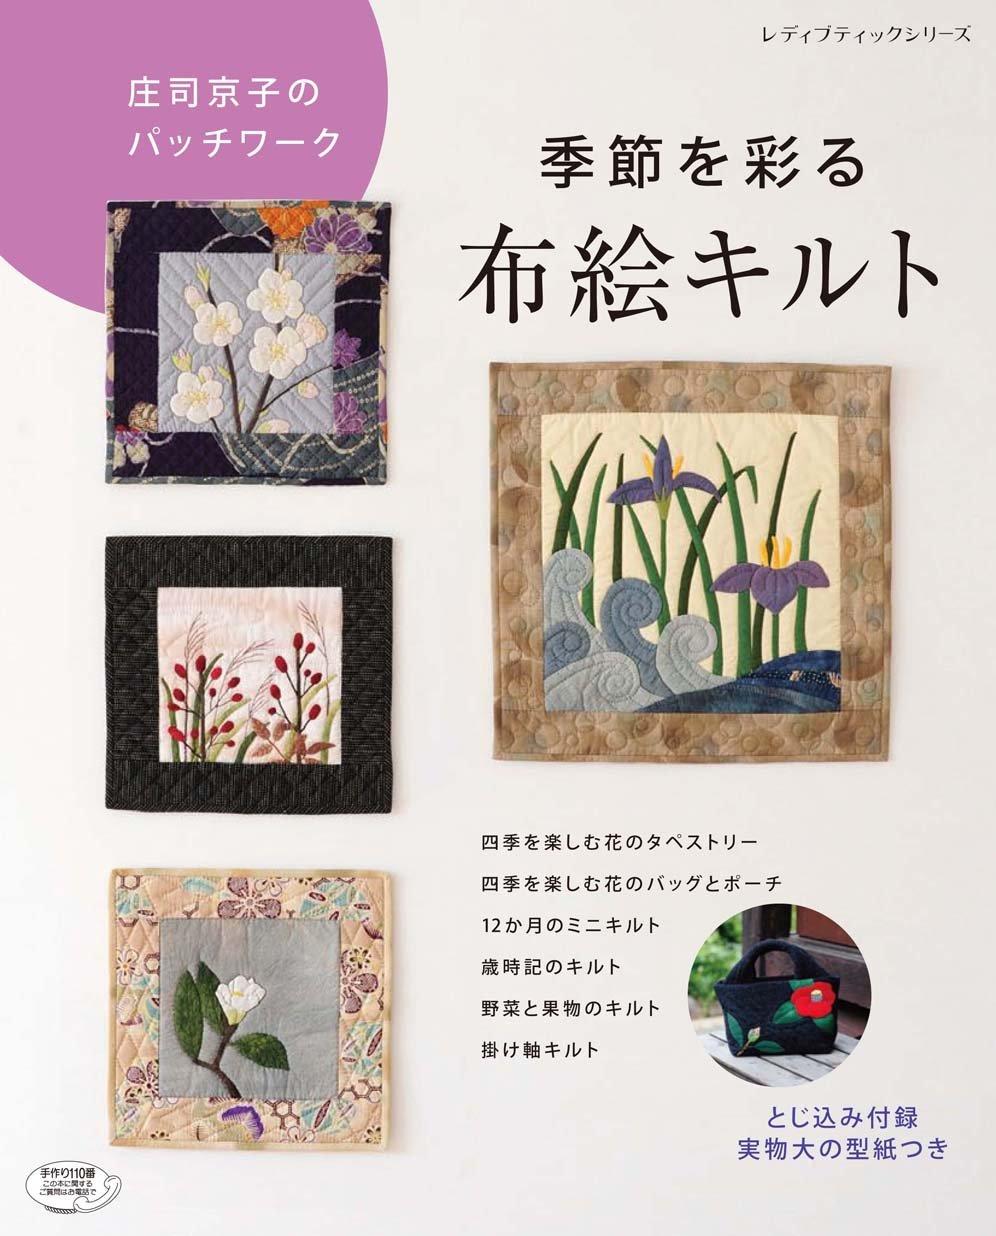 Patchwork of Shoji Kyoko